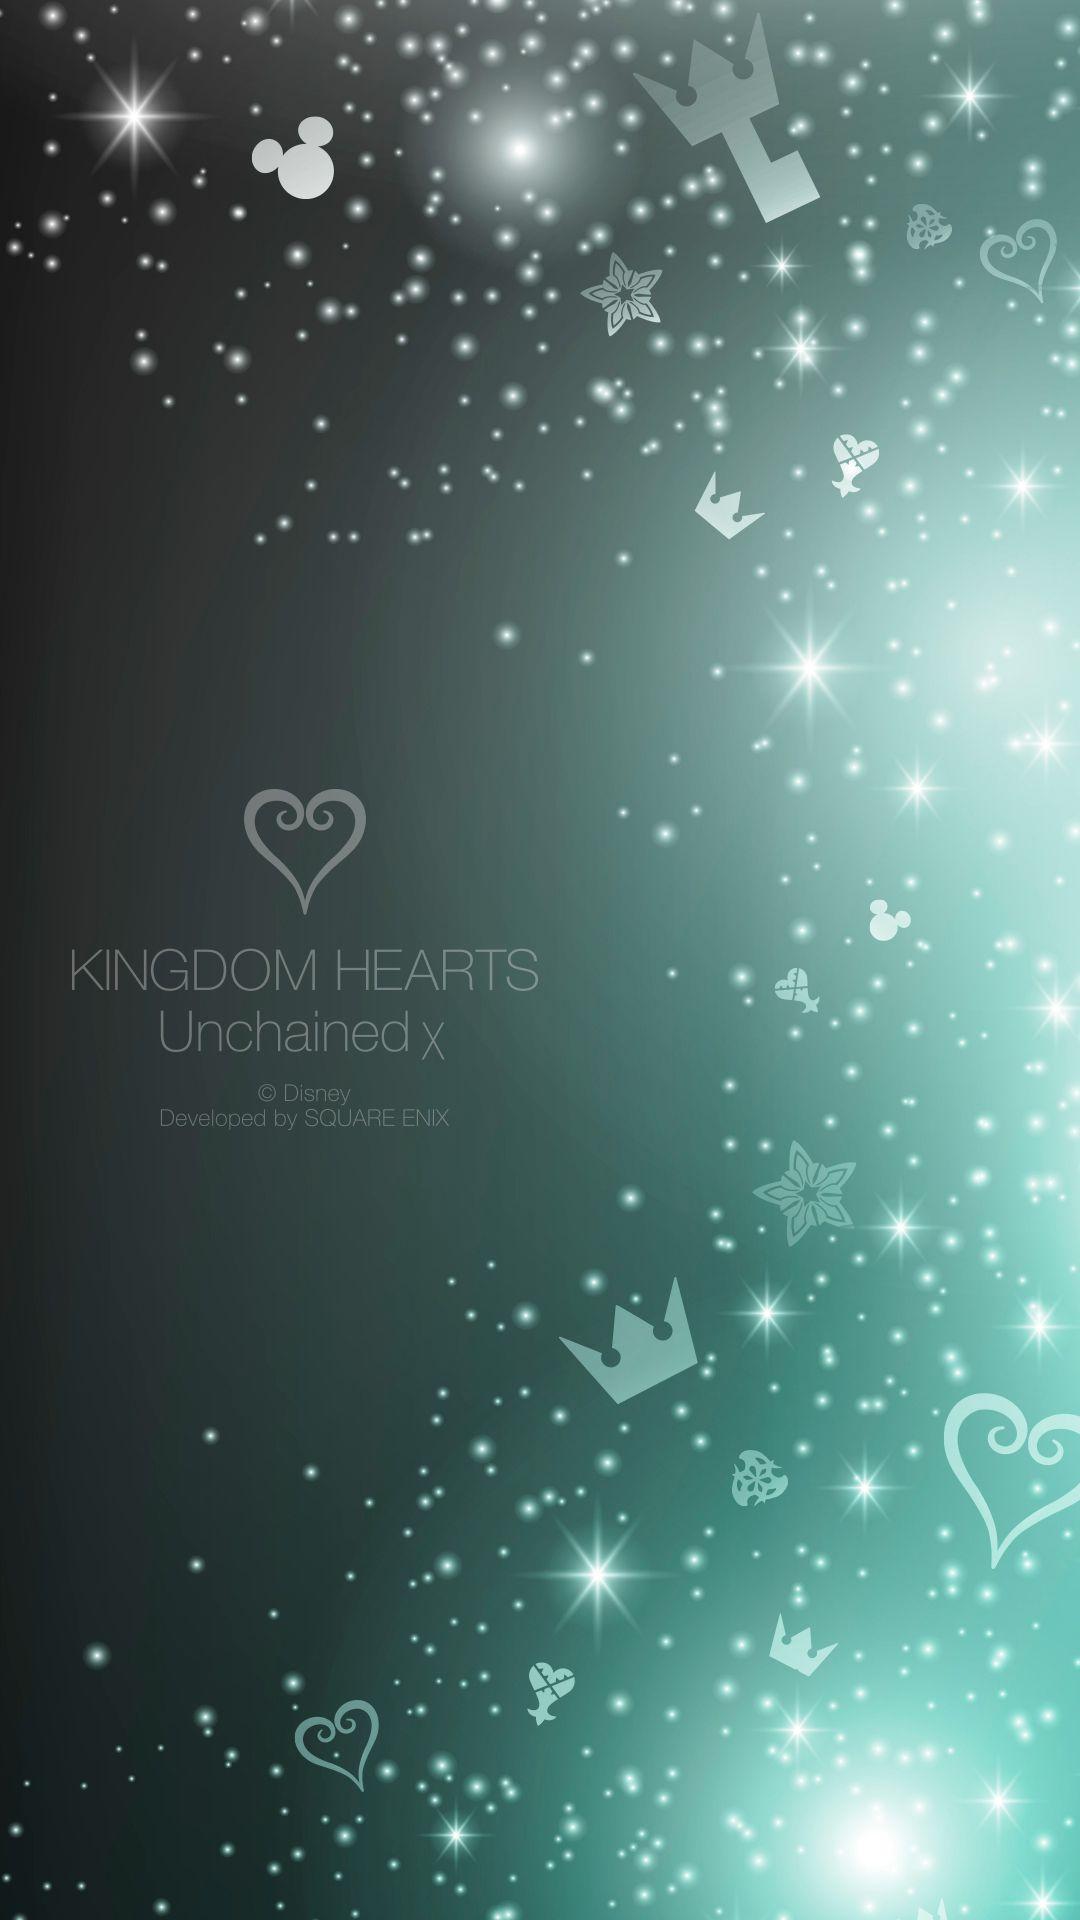 キングダムハーツ Unchained X ゲームのiphone壁紙 Iphone8 スマホ